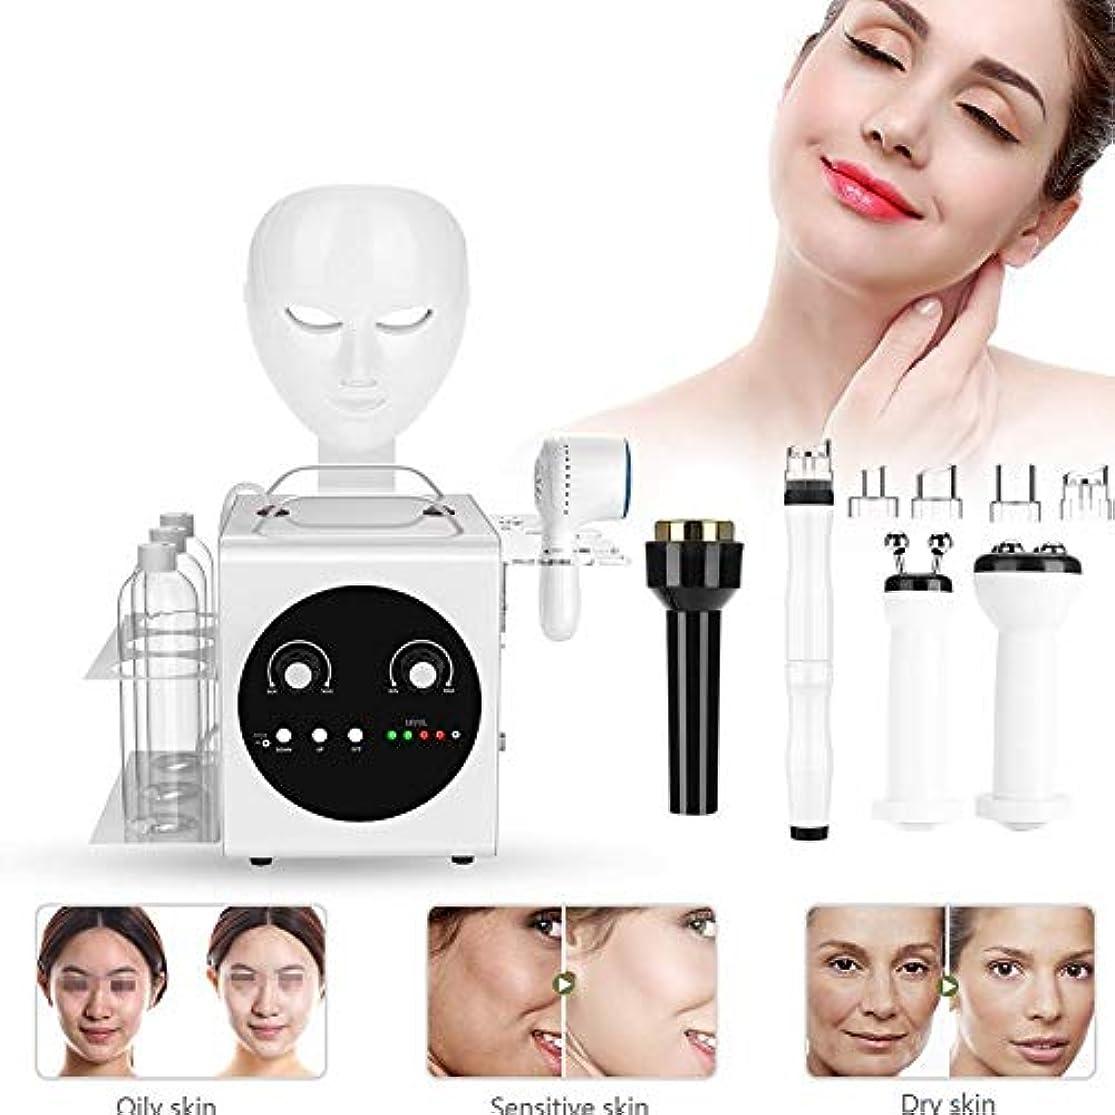 薄いです交流する先に7に1つの酸素ジェット顔の肌の引き締めケアに黒ずみの除去、肌の引き締め、美白、肌の若返り、ホームサロンの使用のための超音波真空RFマシン(100-240V)